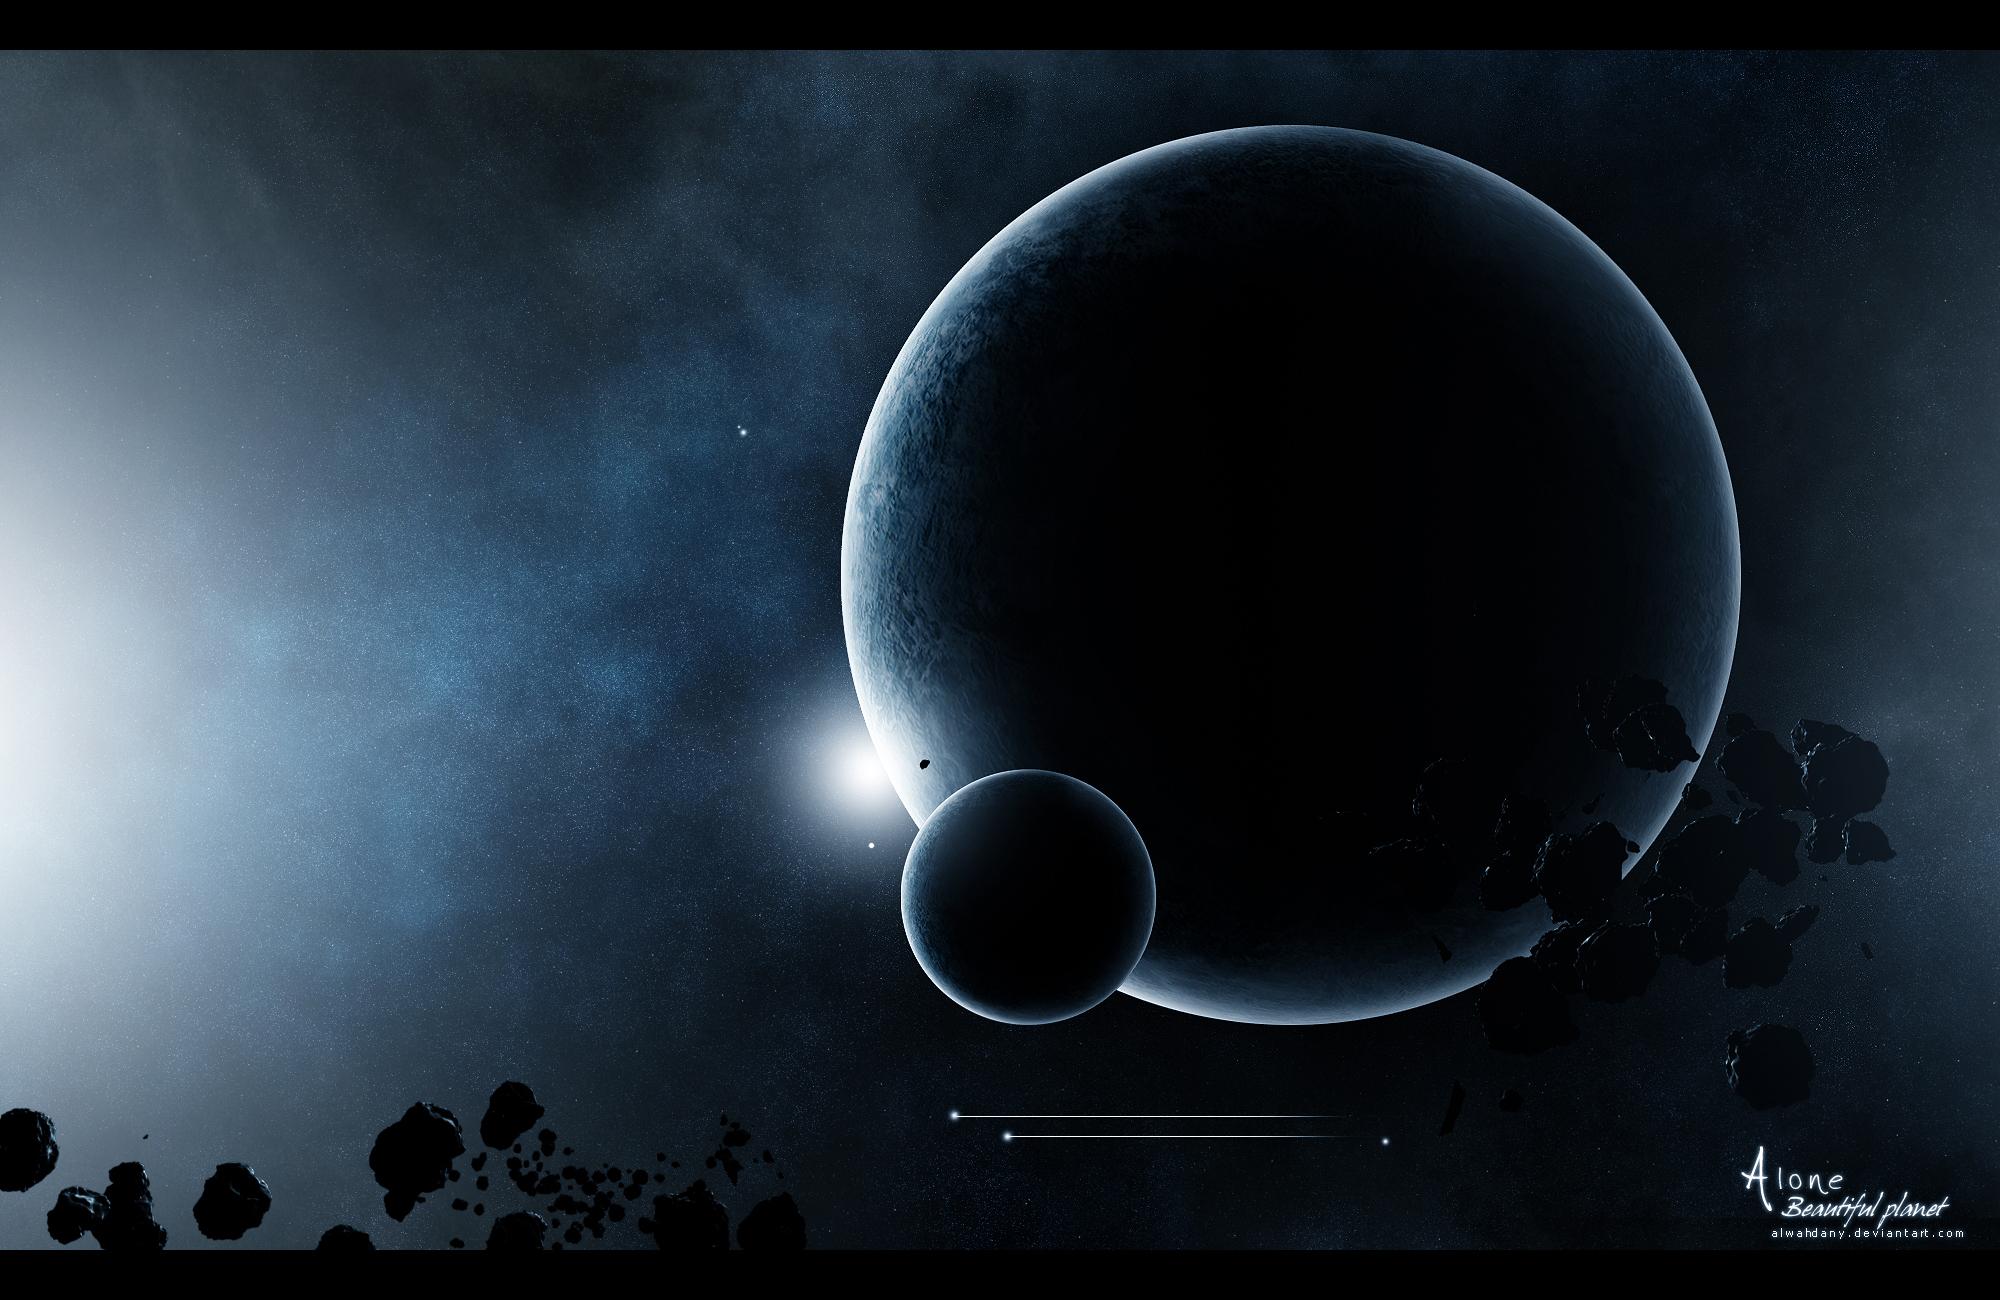 beatiful planets - photo #11